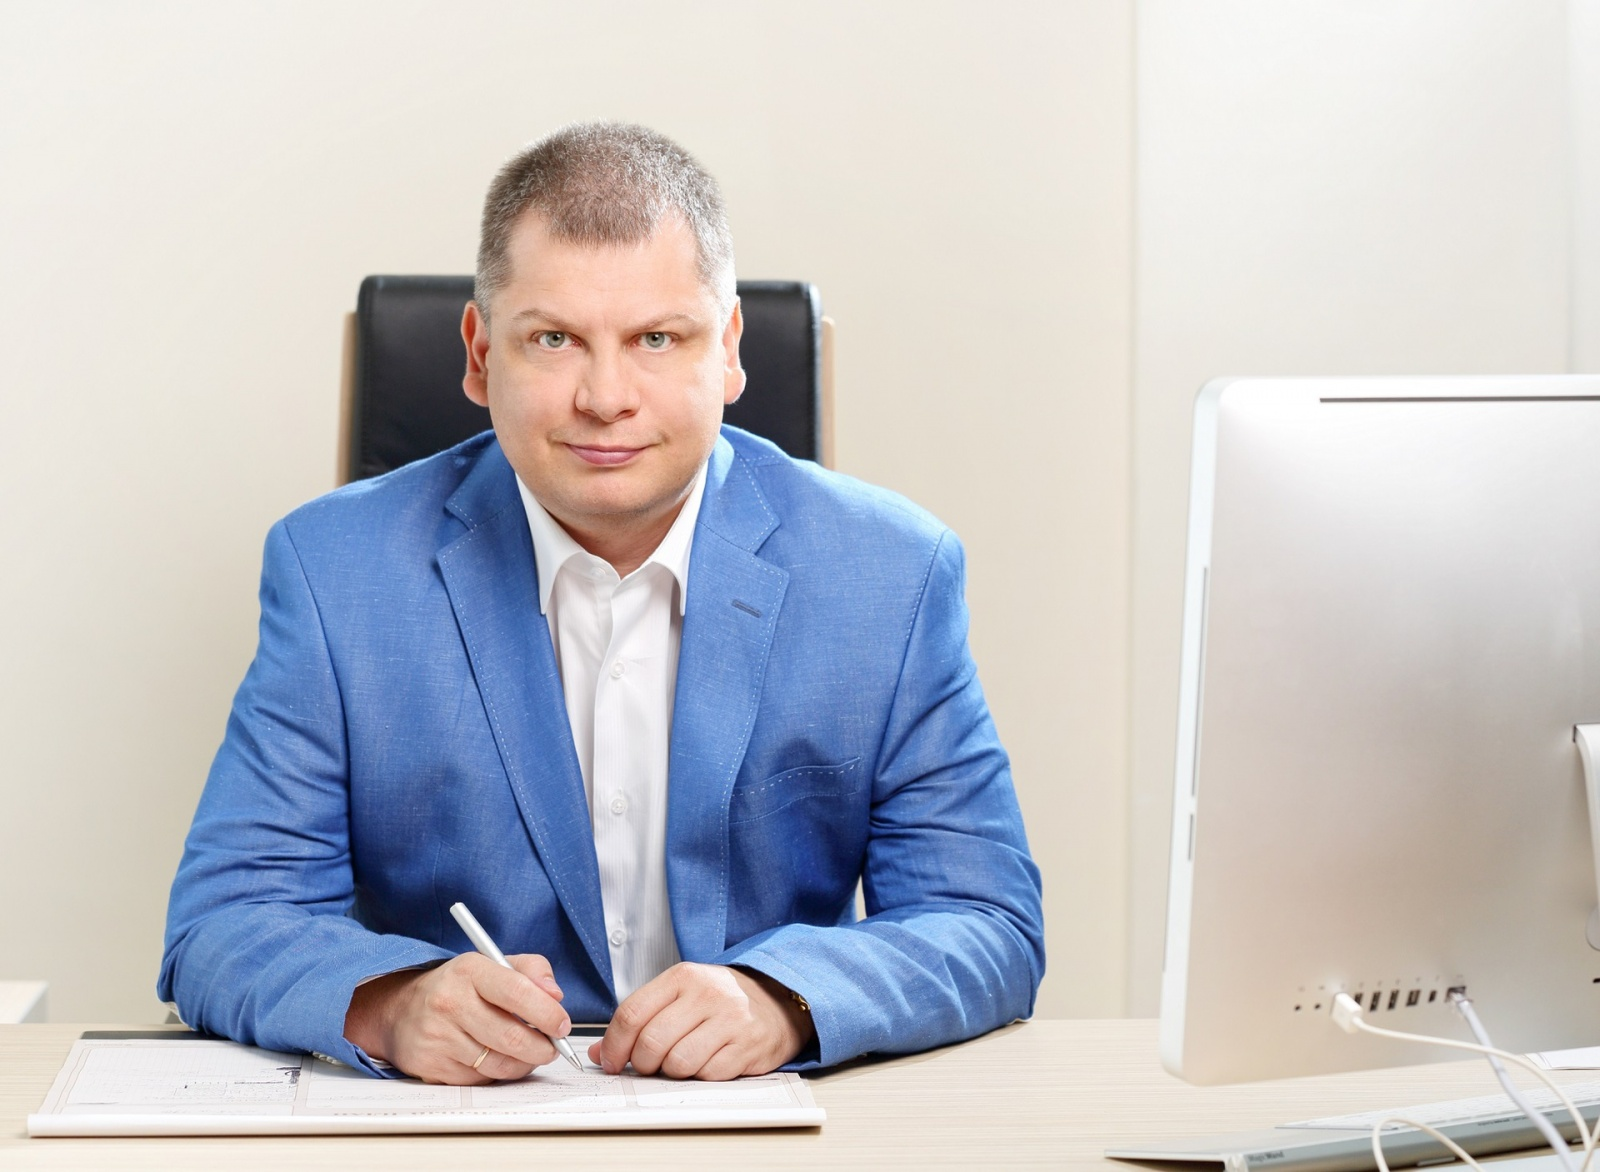 Андрей Воропаев, ТриЛан: «В 40 лет бизнес только начинается» - 1